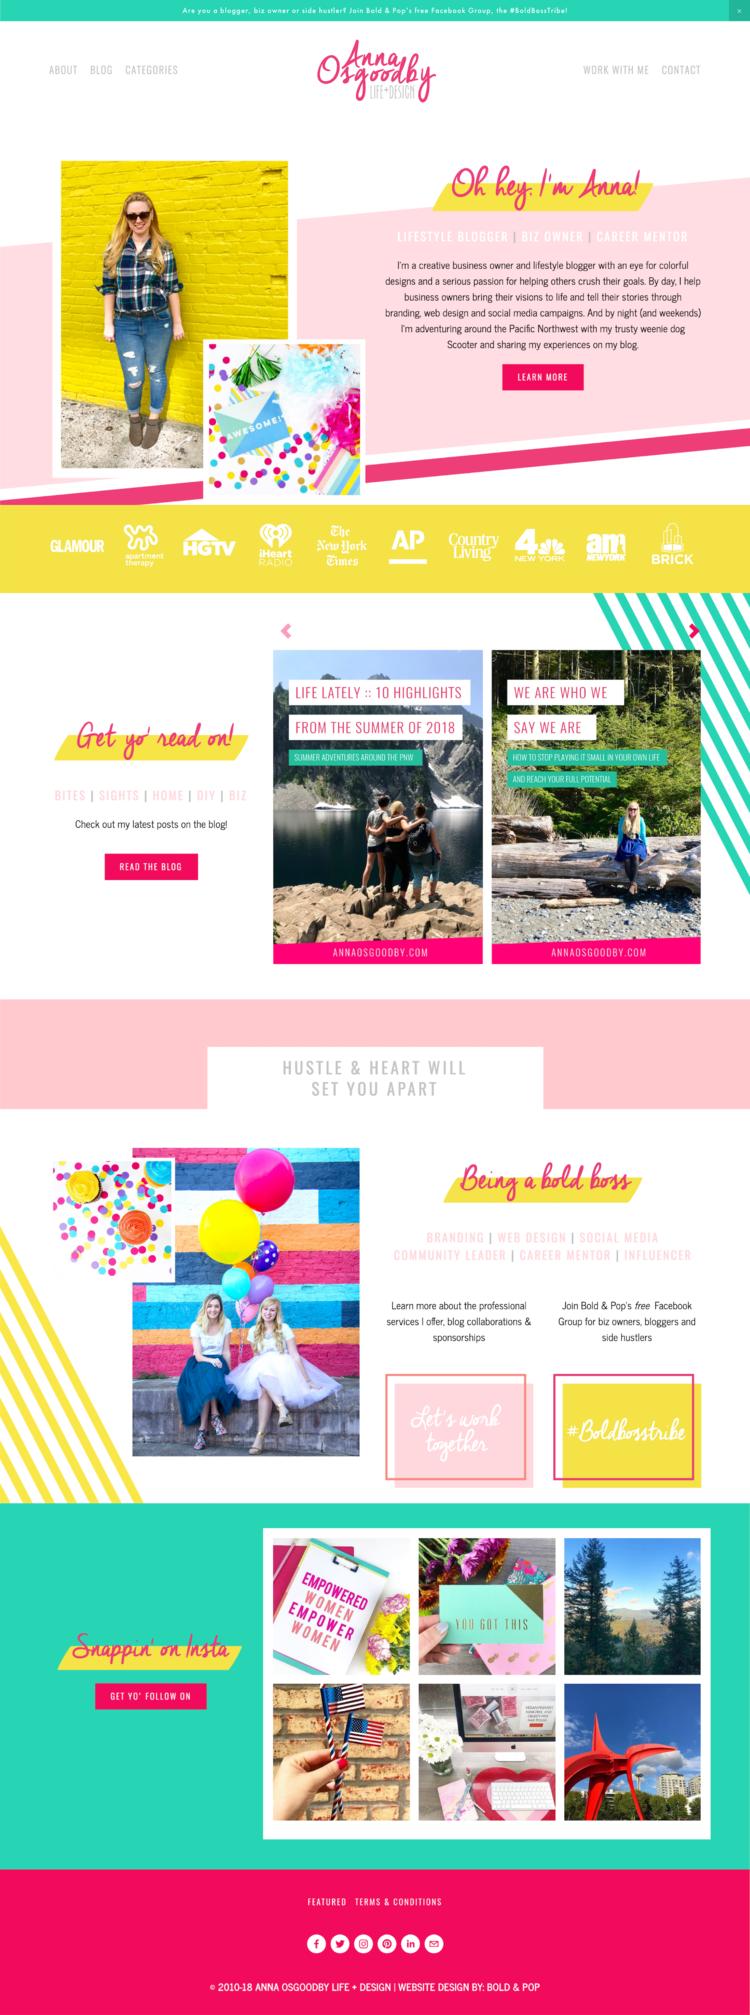 Anna Osgoodby - LifestyleBlog_WebsiteDesign.png